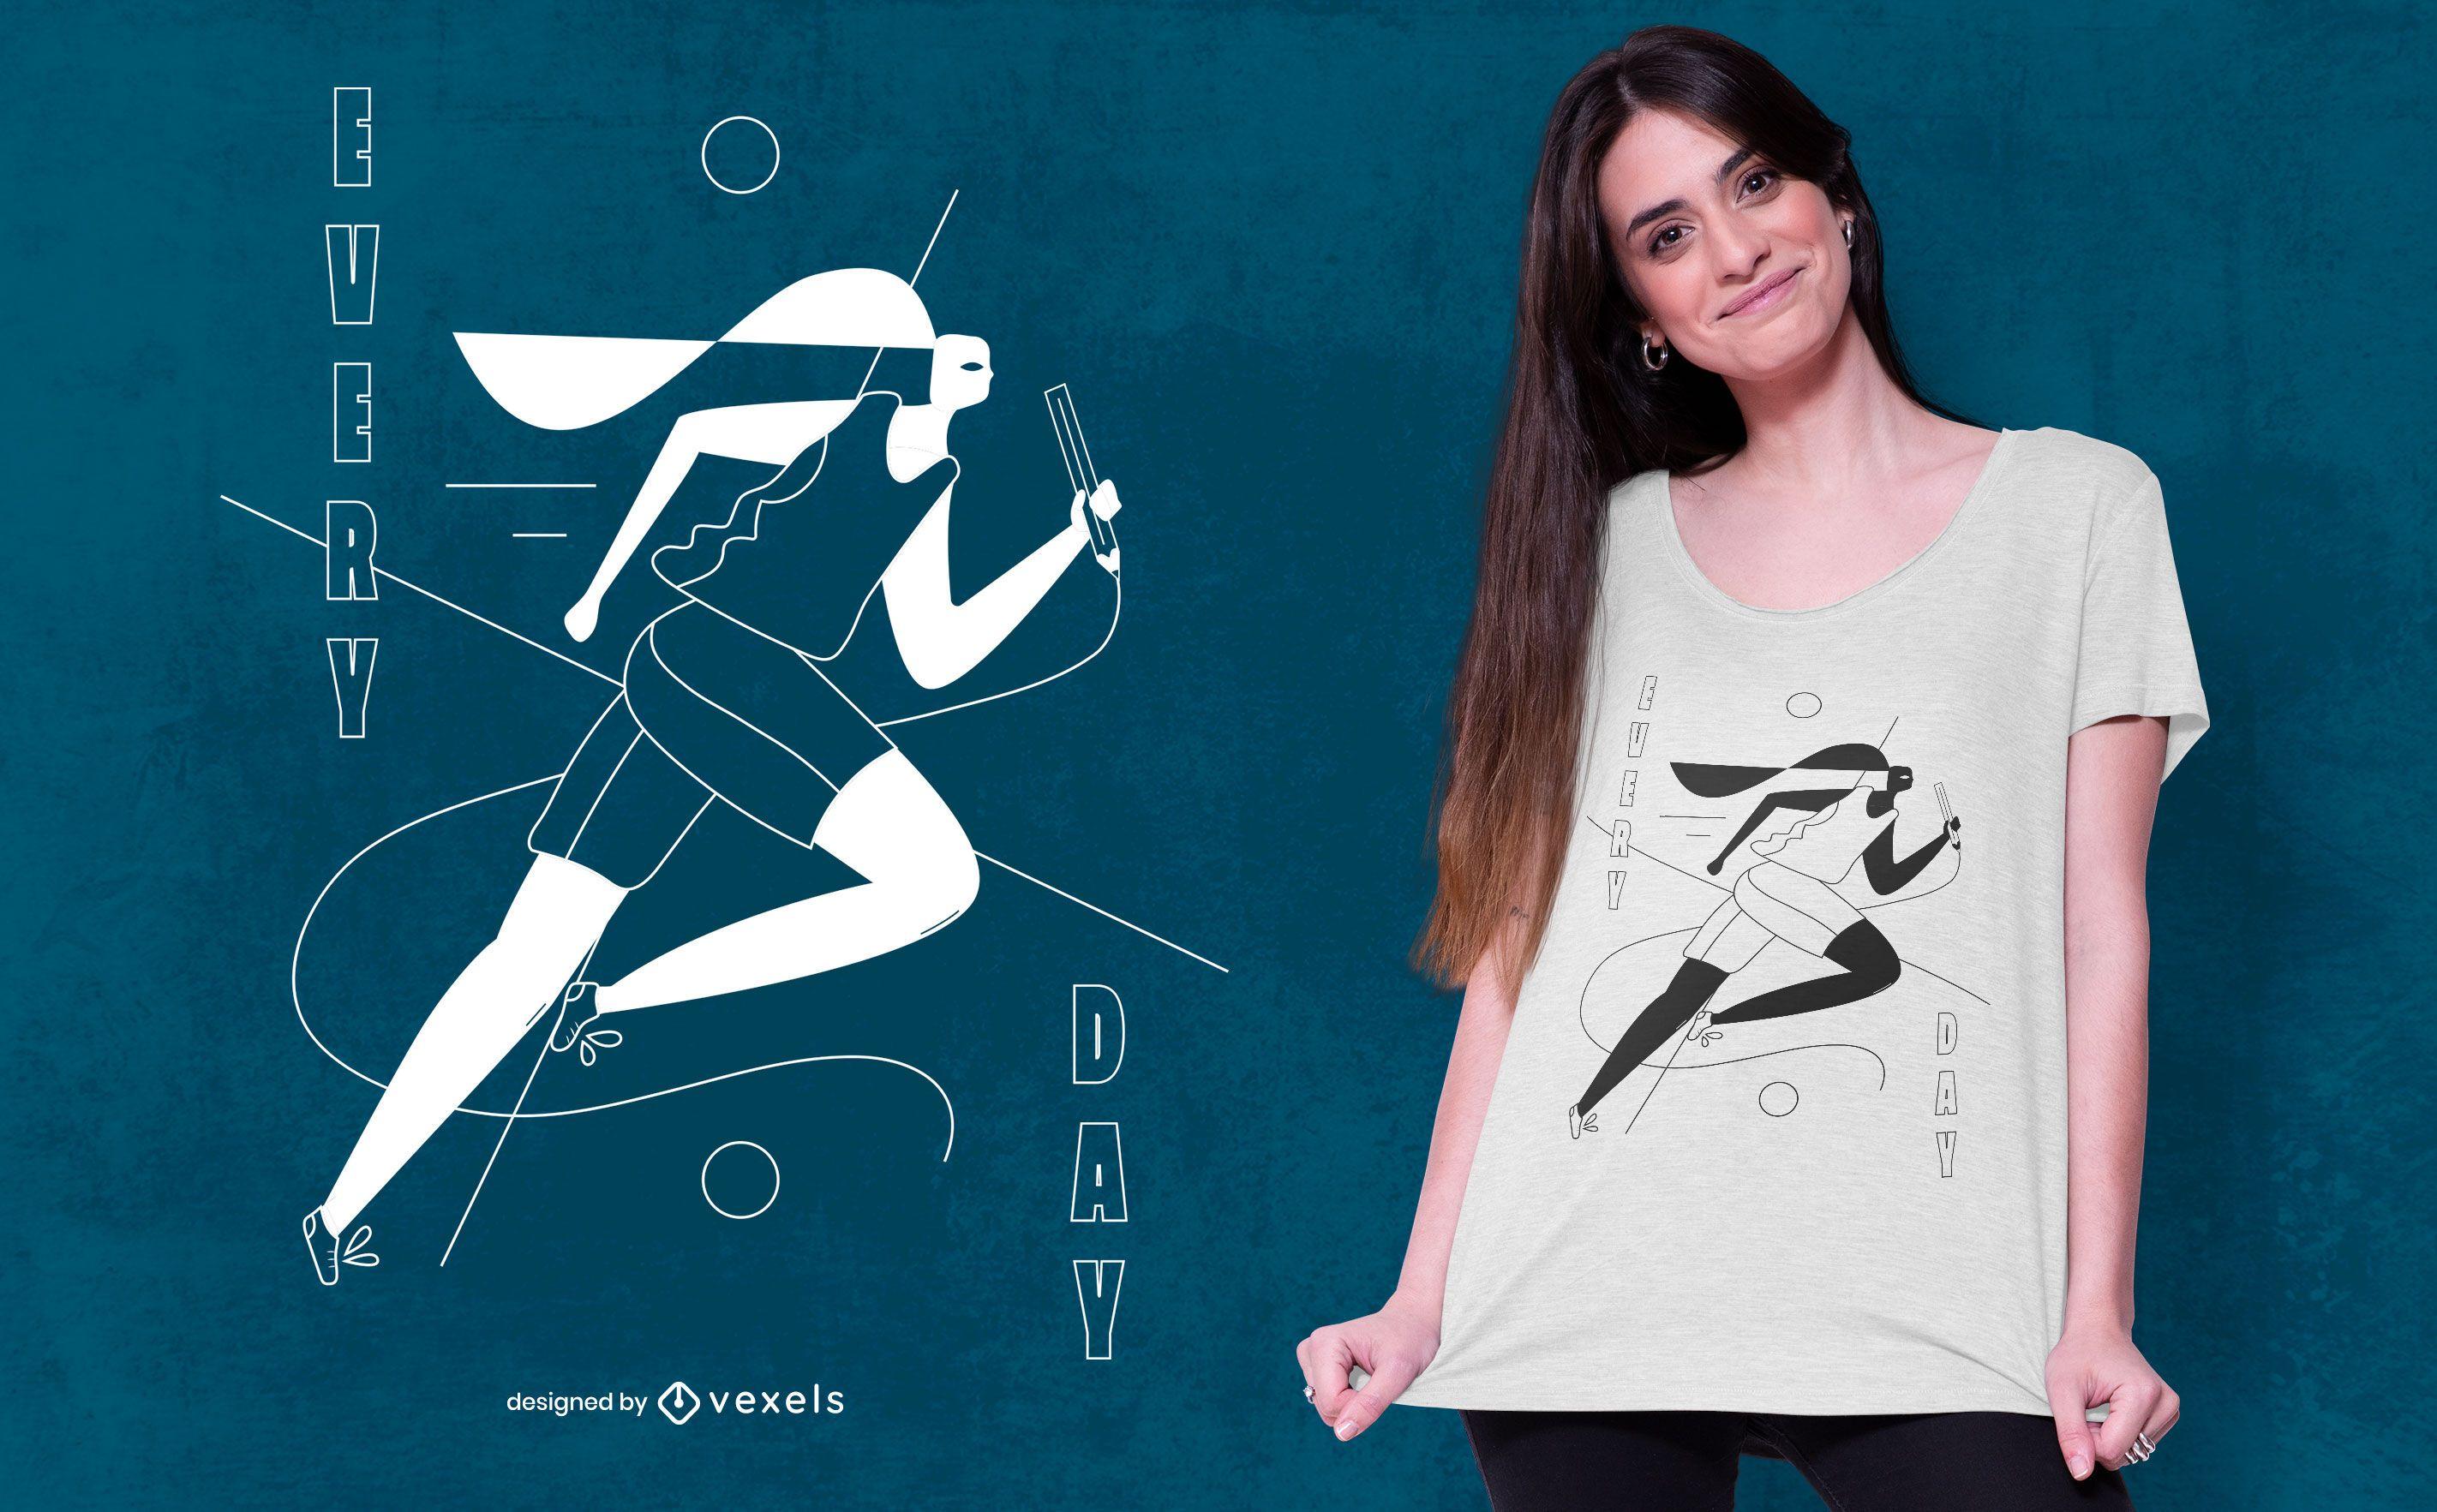 Everyday runner t-shirt design